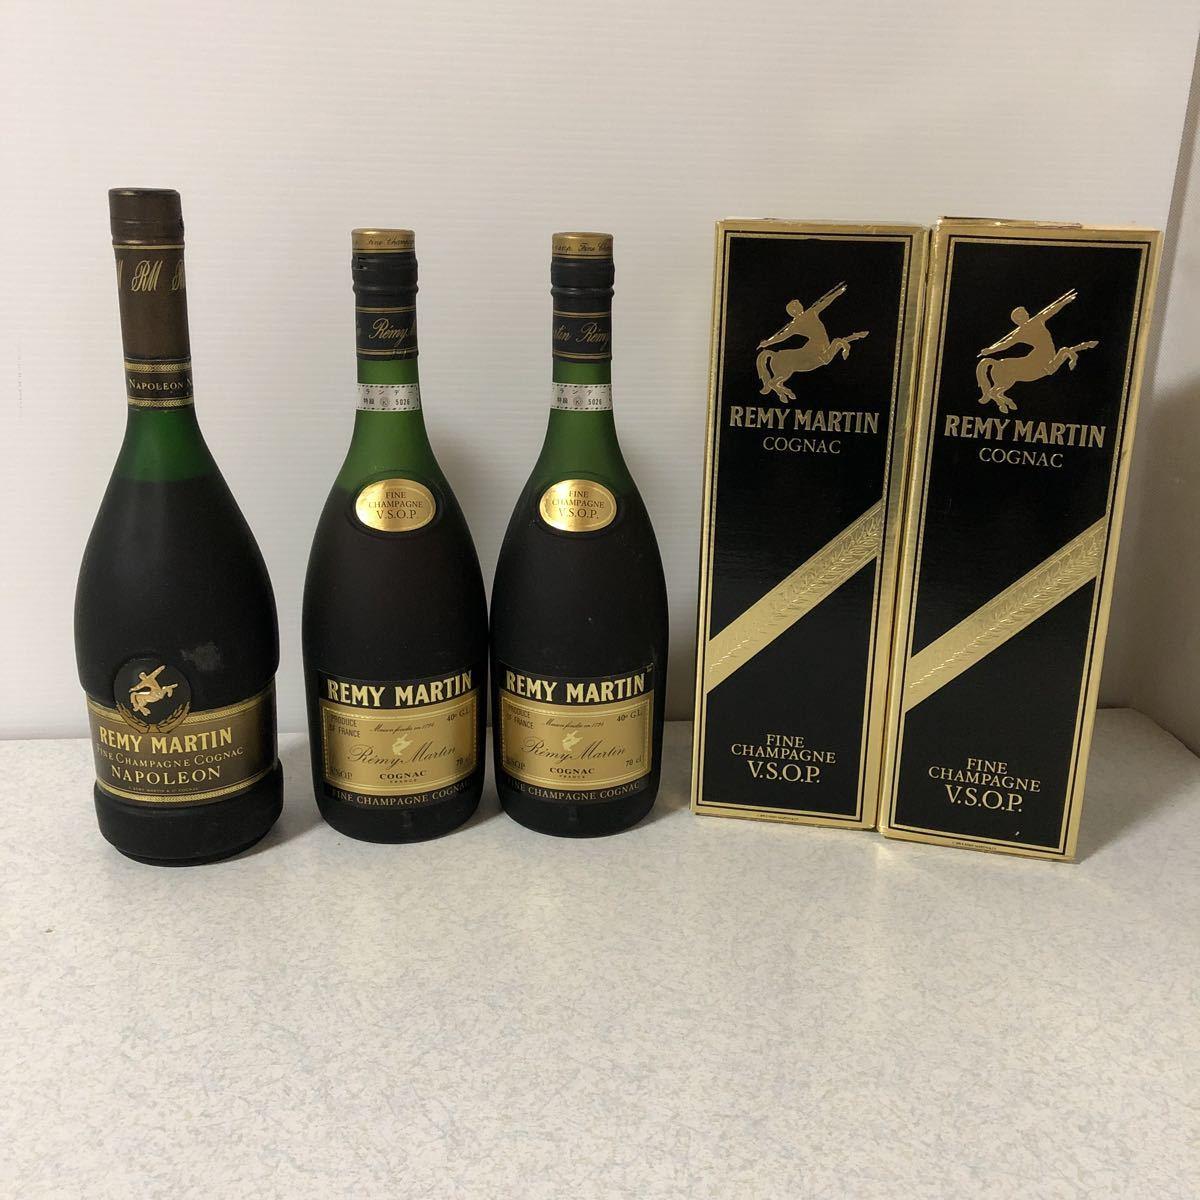 【古酒】REMY MARTIN レミーマルタン ナポレオン 未開栓 計3本セット